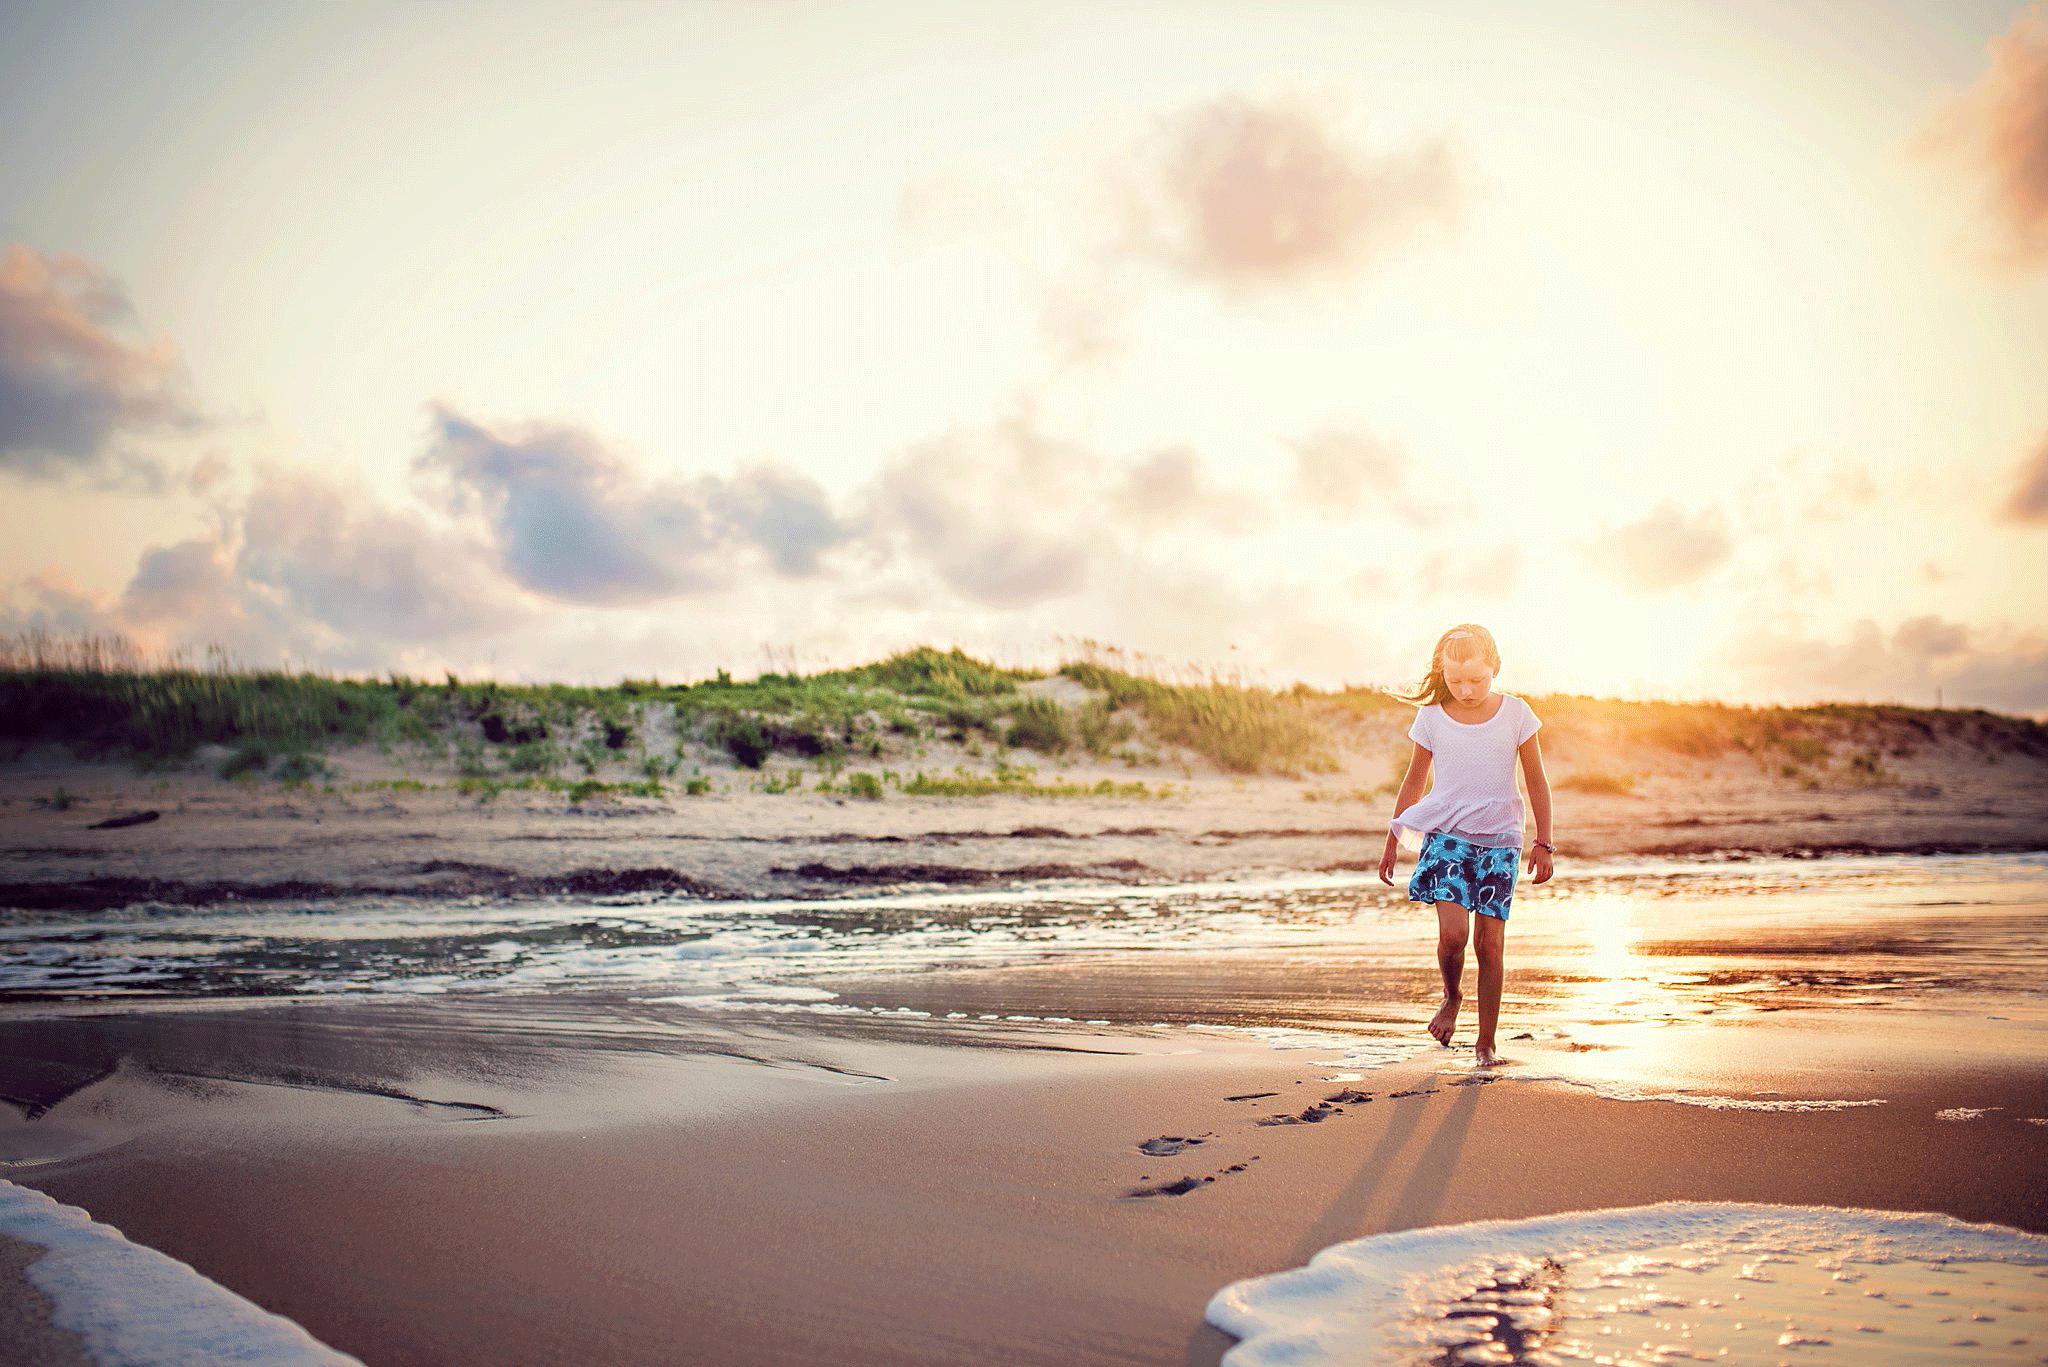 virginia-beach-photographer-sandbridge-photographer-norfolk-photographers-chesapeake-photographers-suffolk-photographers-child-portraits-melissa-bliss-photography